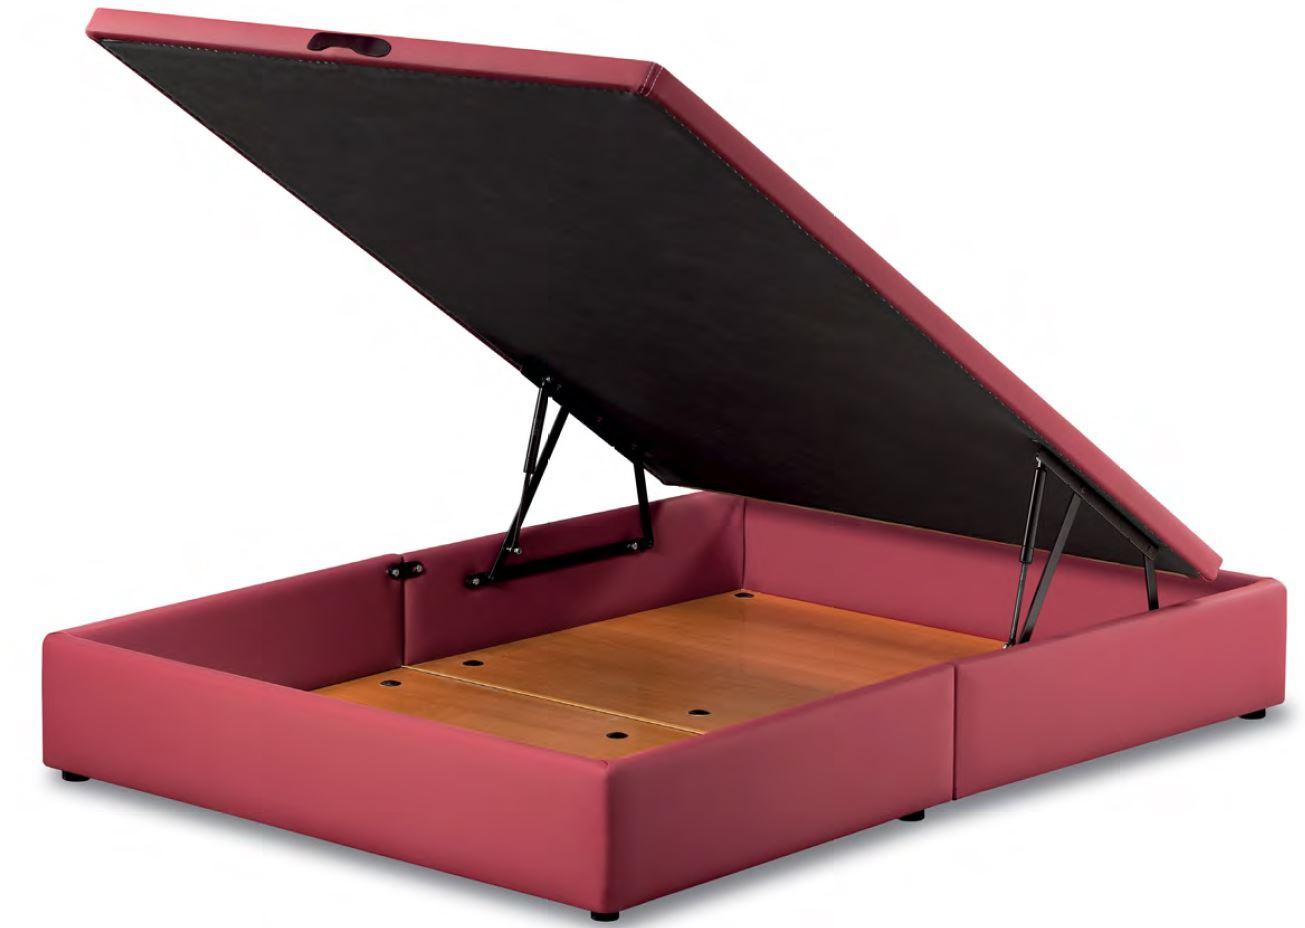 sommier coffre de rangement goya smart bed. Black Bedroom Furniture Sets. Home Design Ideas